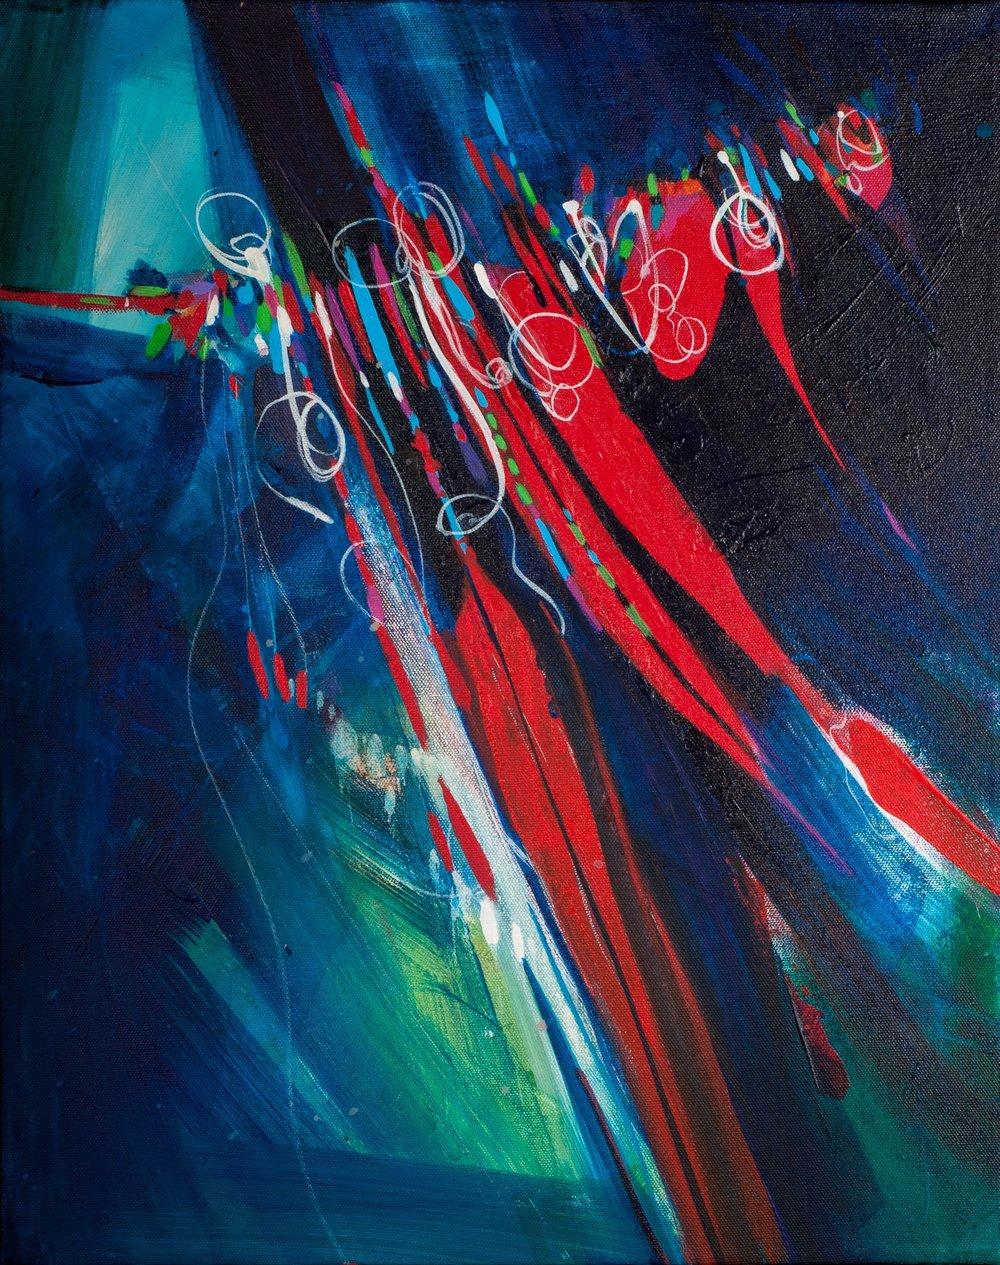 cher-austin-paintings-002.jpg